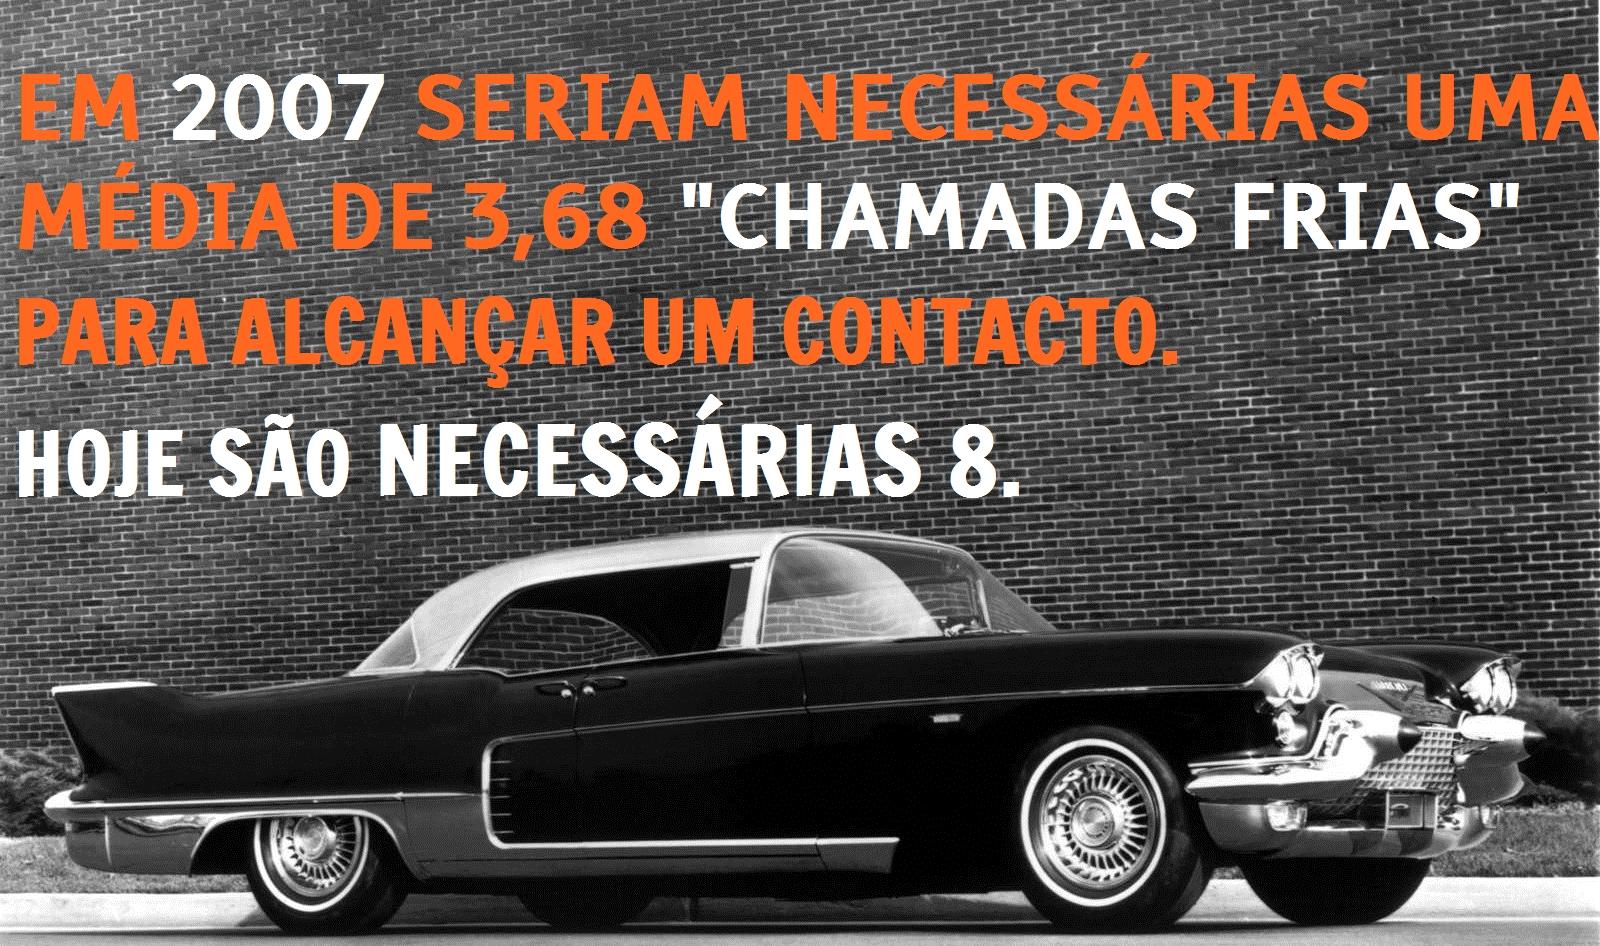 1957-old-cadillac-eldorado-02-1-car-photos